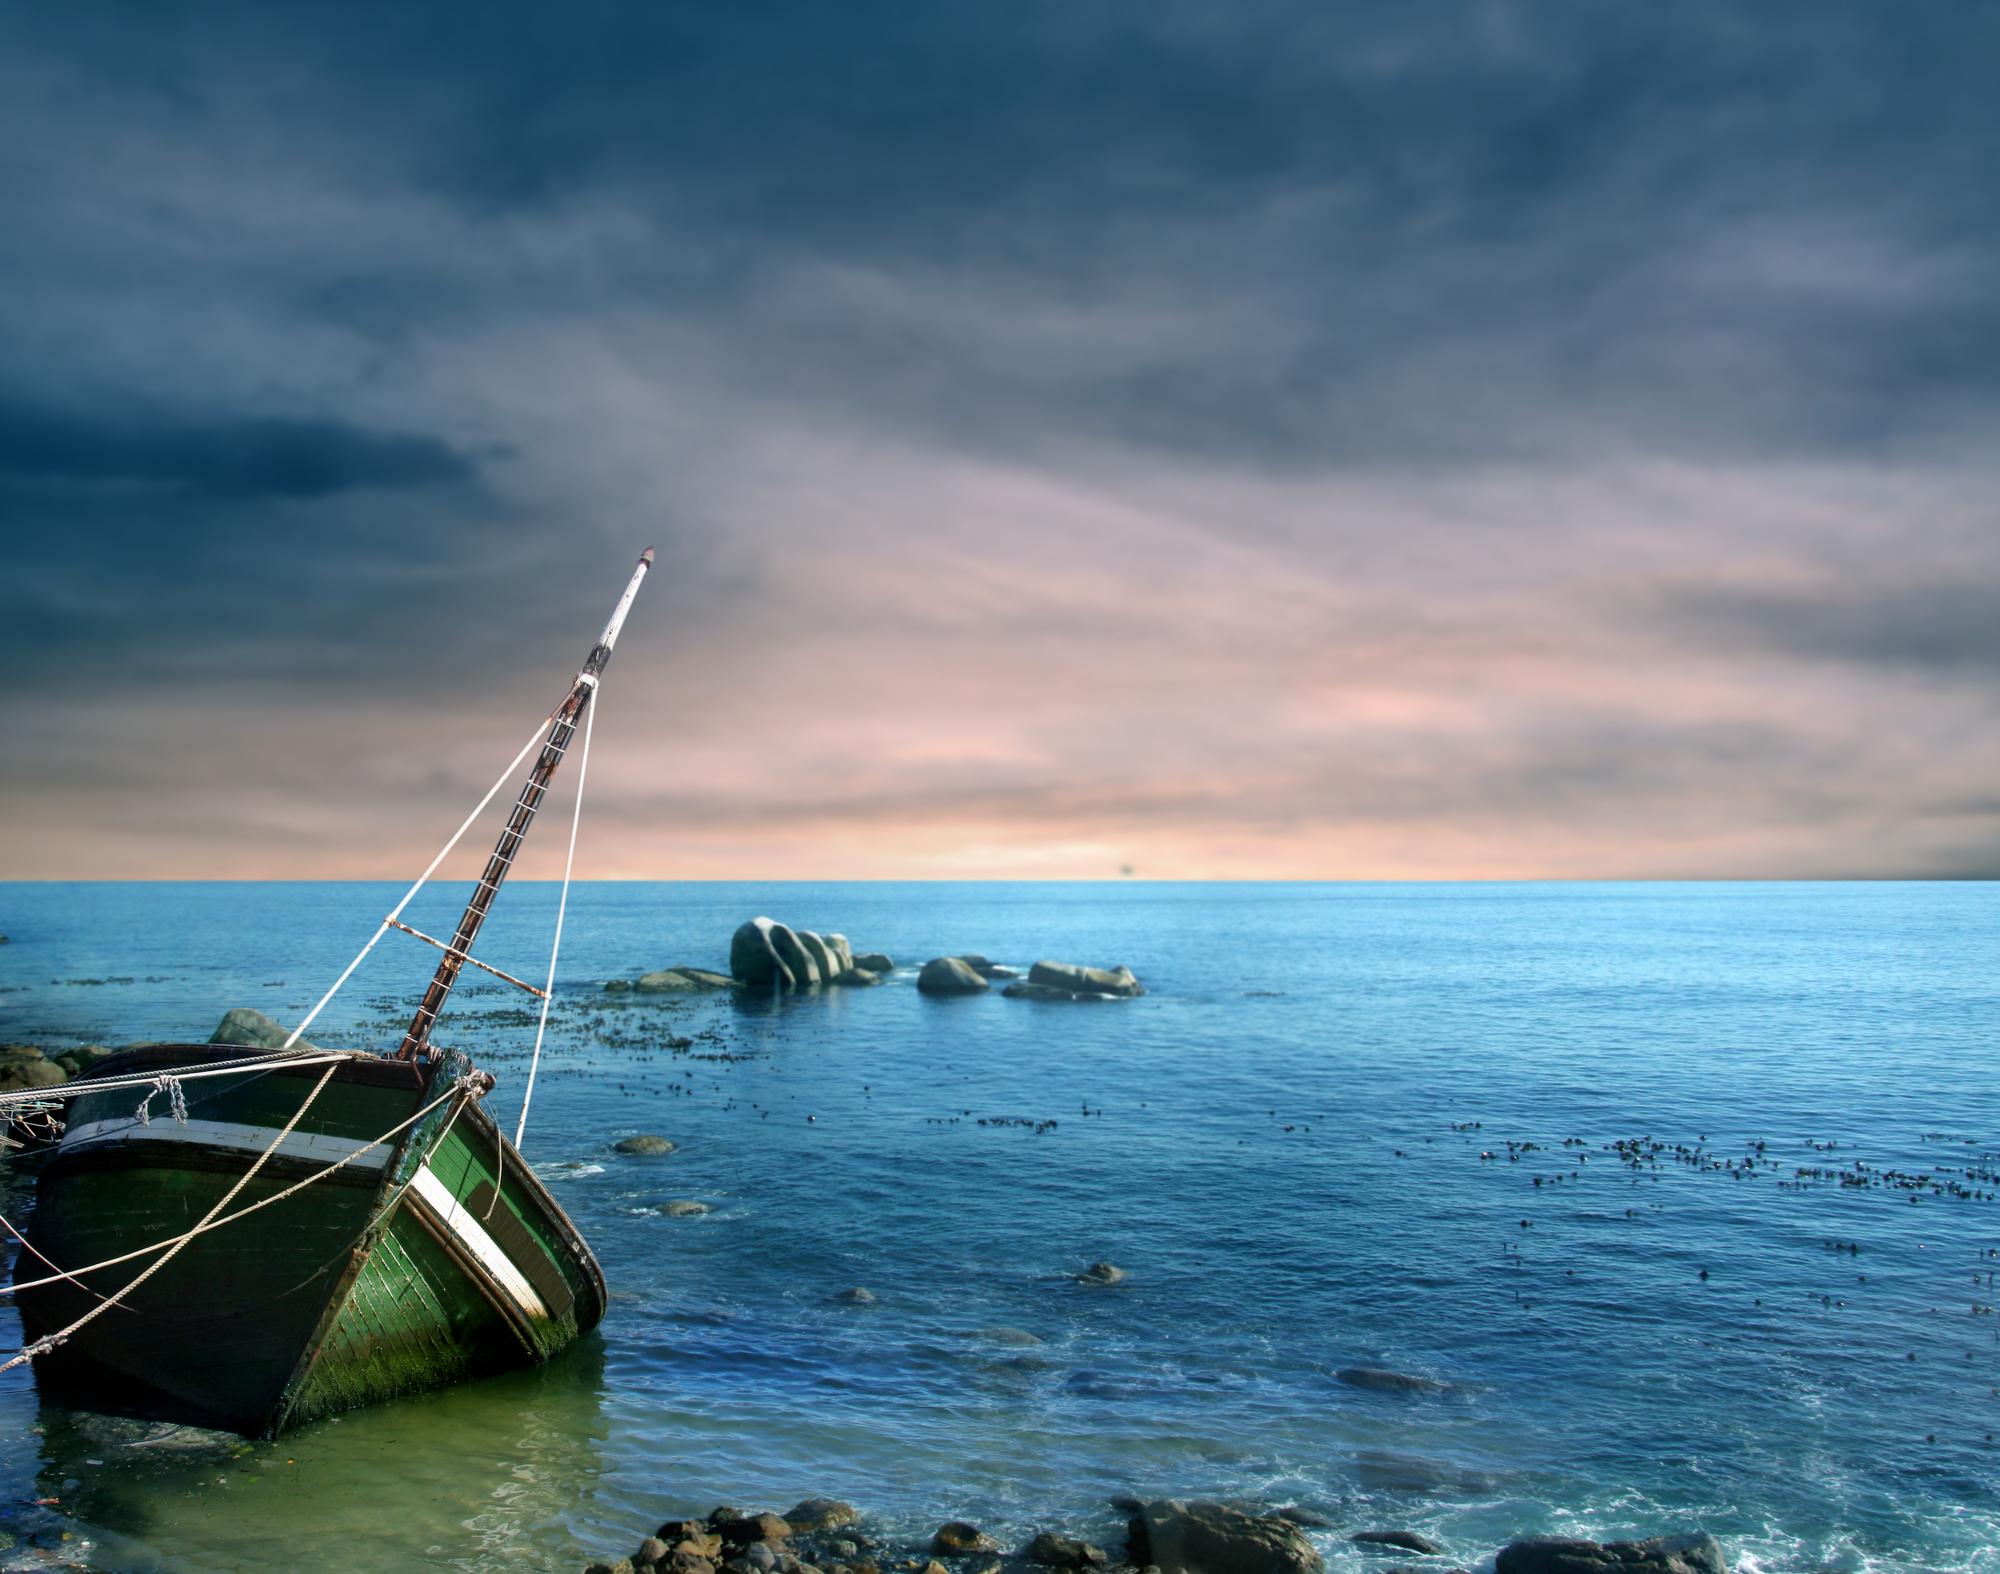 яхта киль